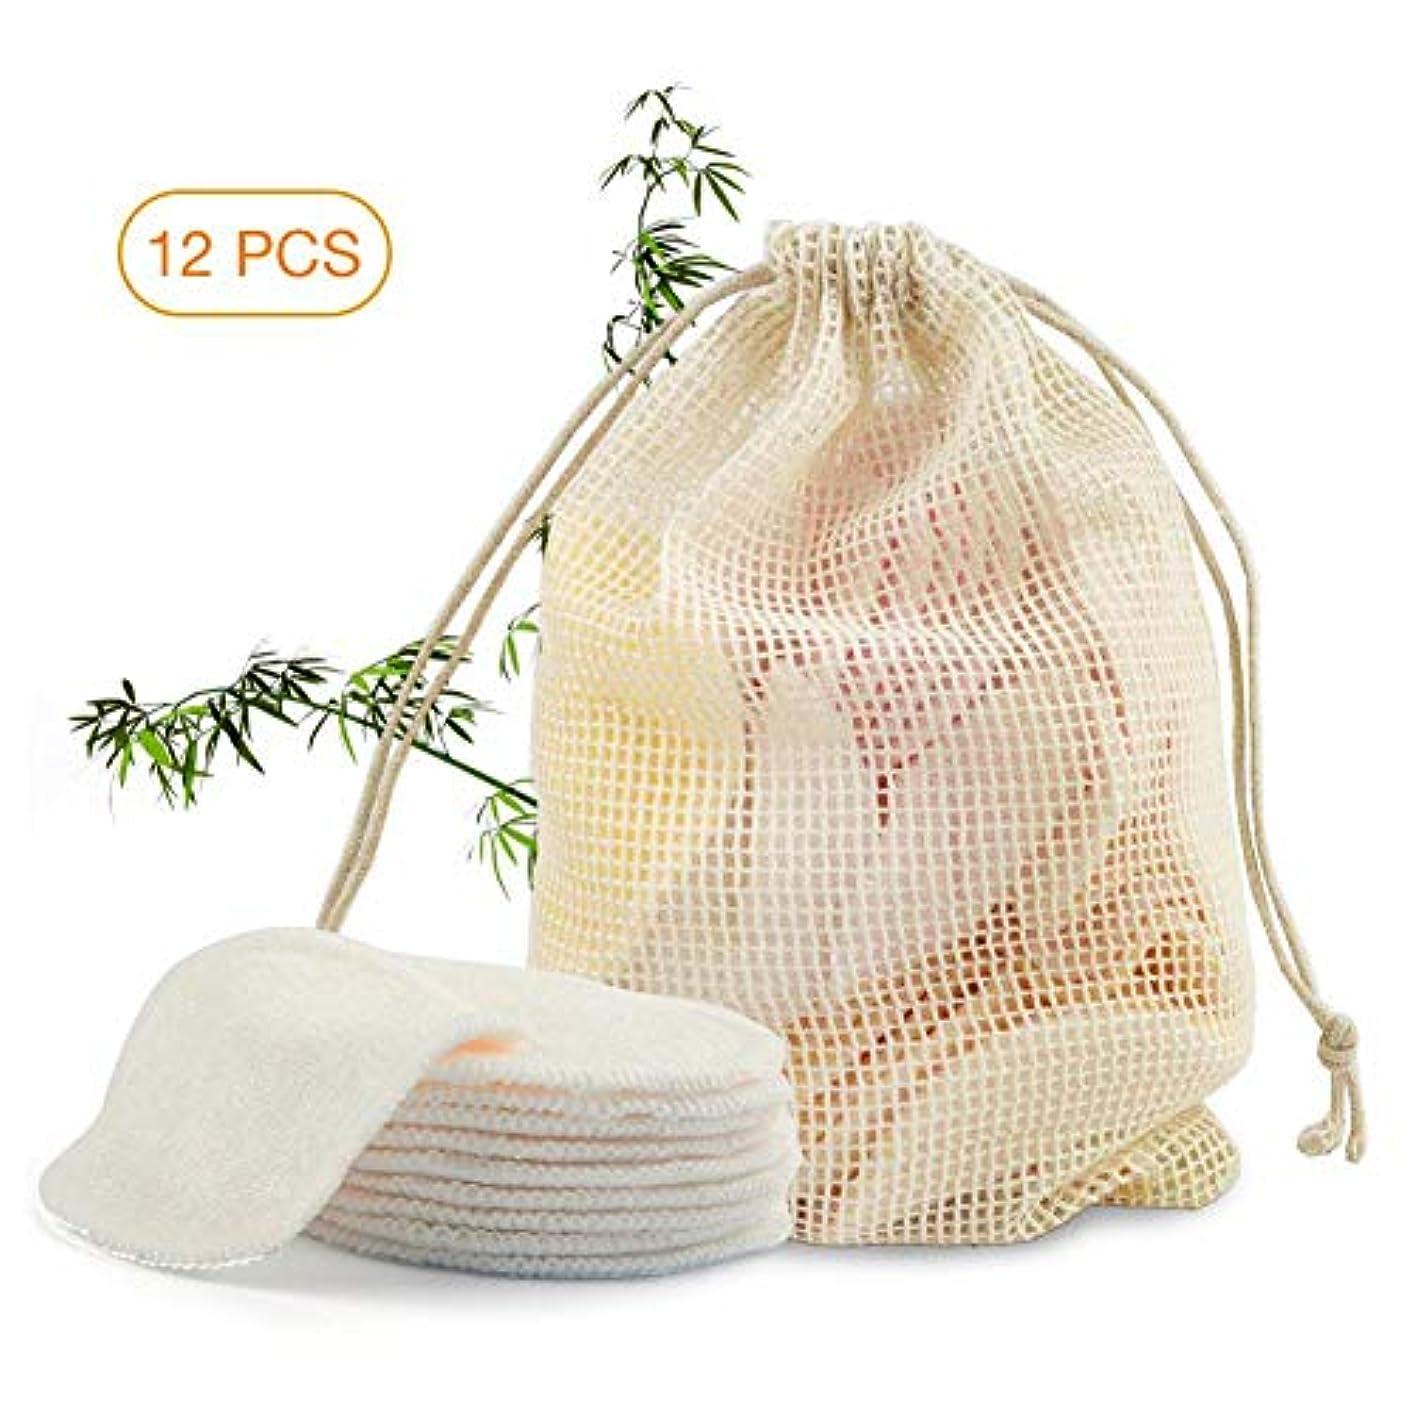 ステップ小道具トラフィッククレンジングシート 天然繊維素材 柔らかい バッグ付き 安全 非毒性 再利用可能 交換可能 旅行用